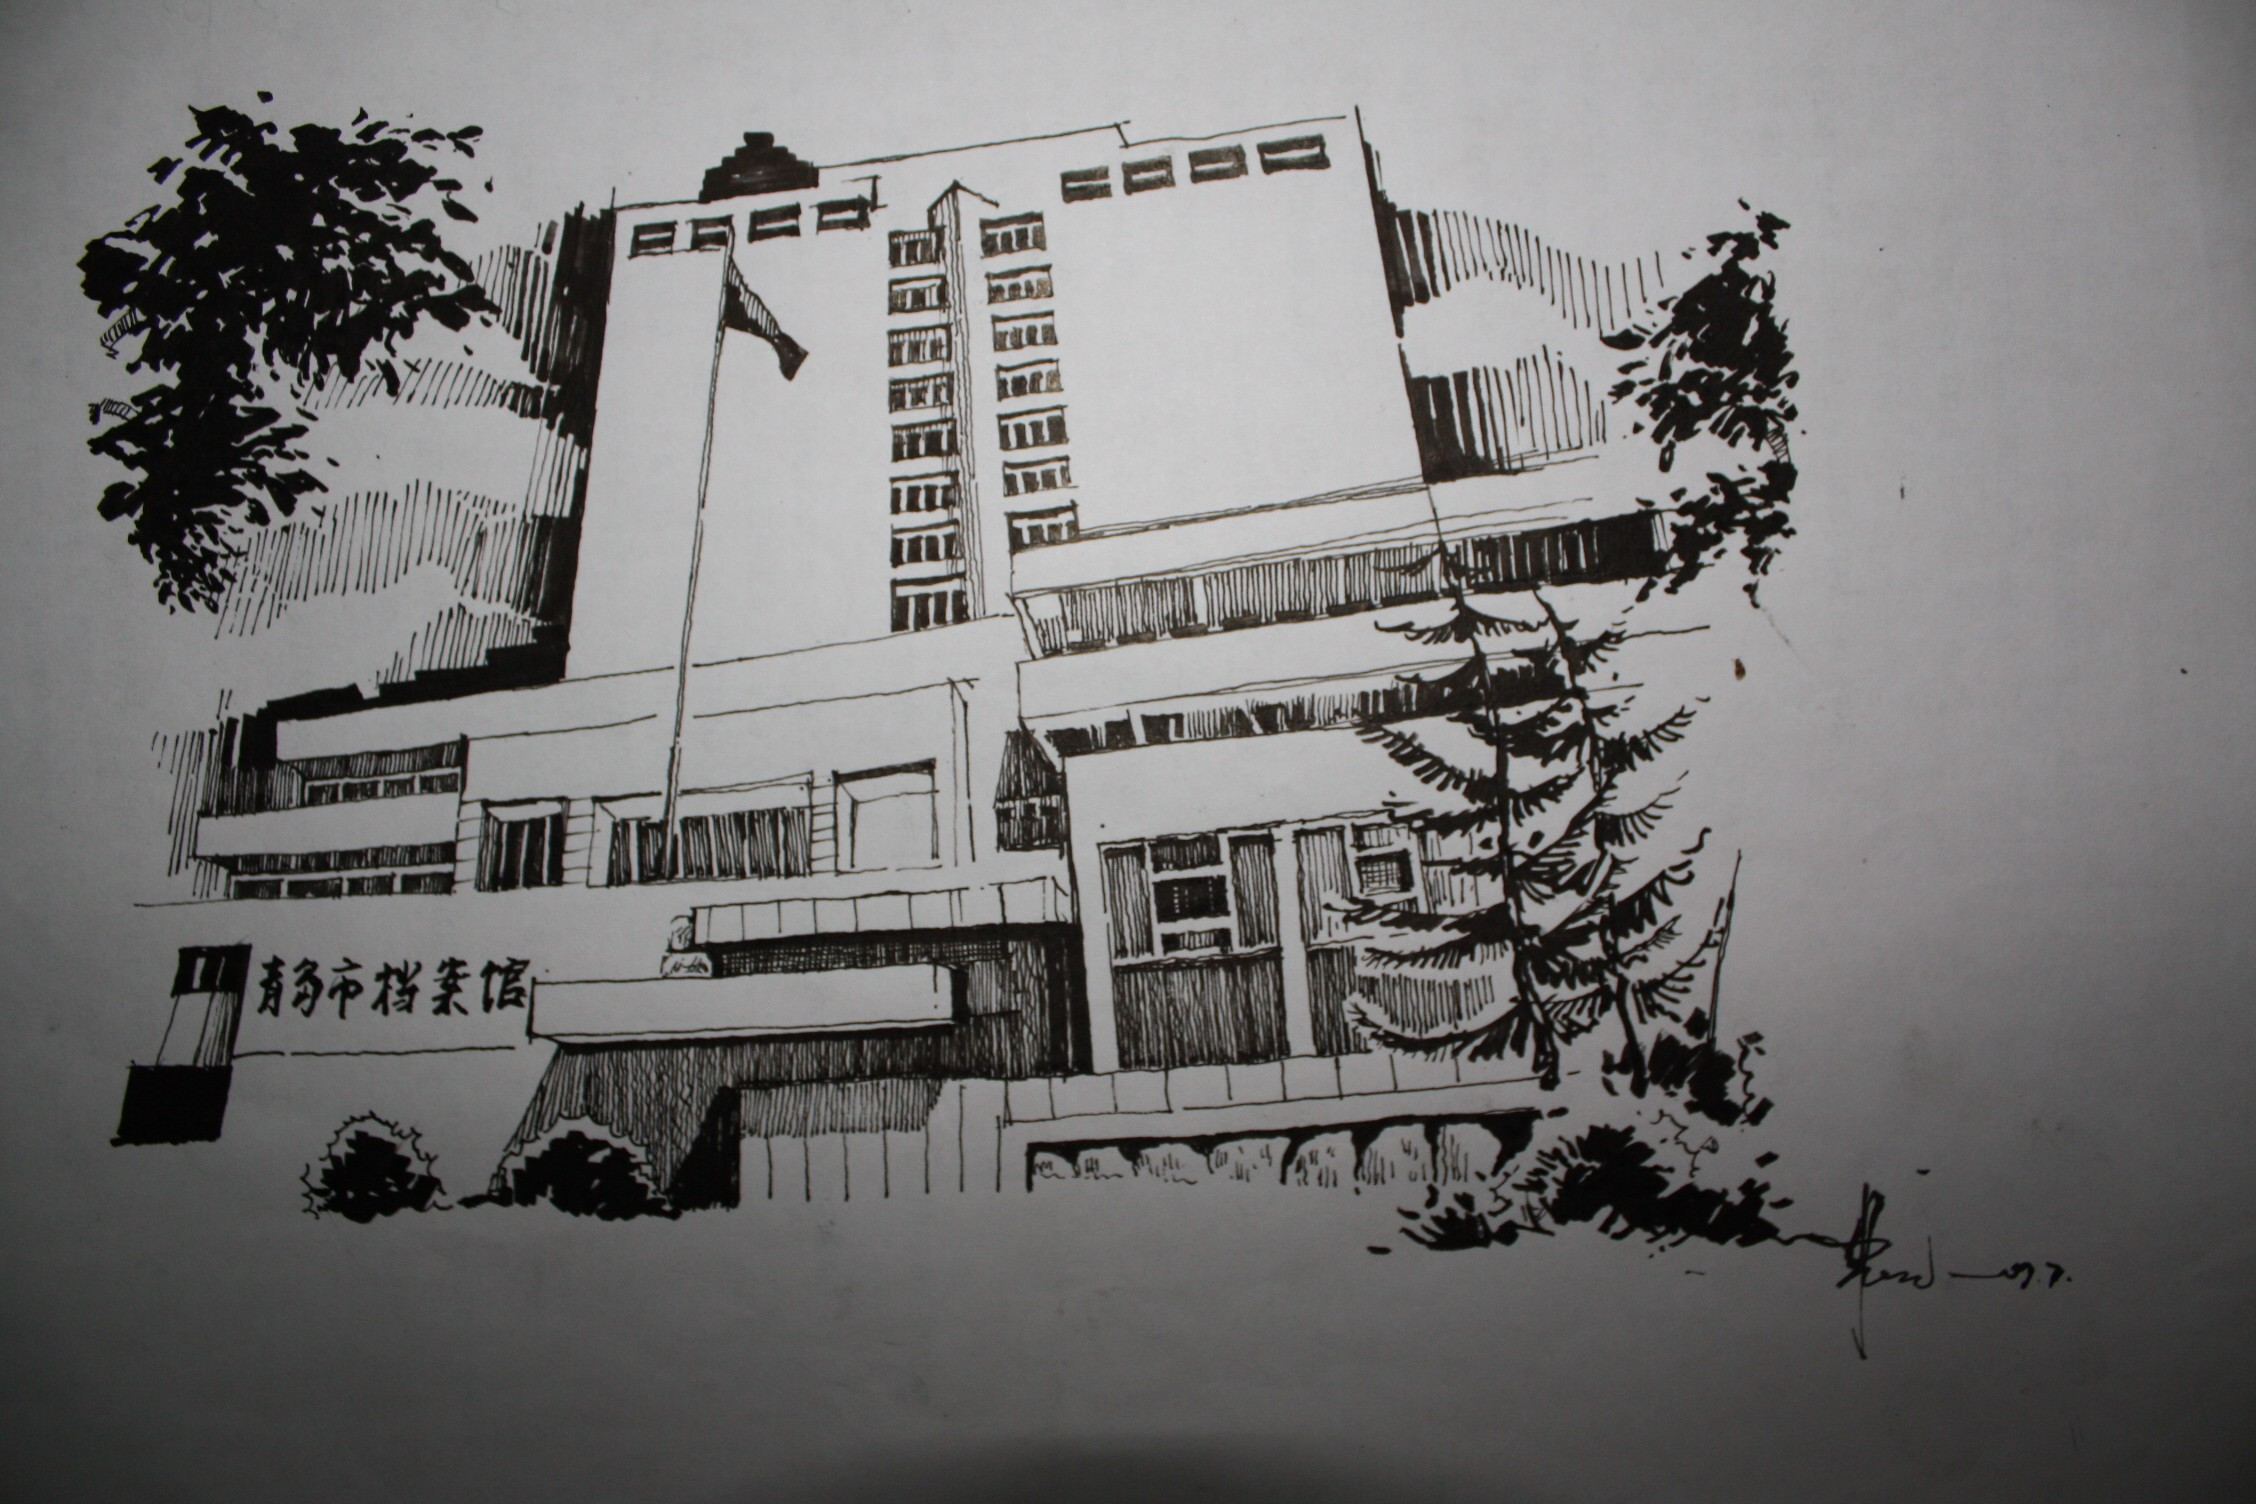 钢笔画~13 由 zhouziheng